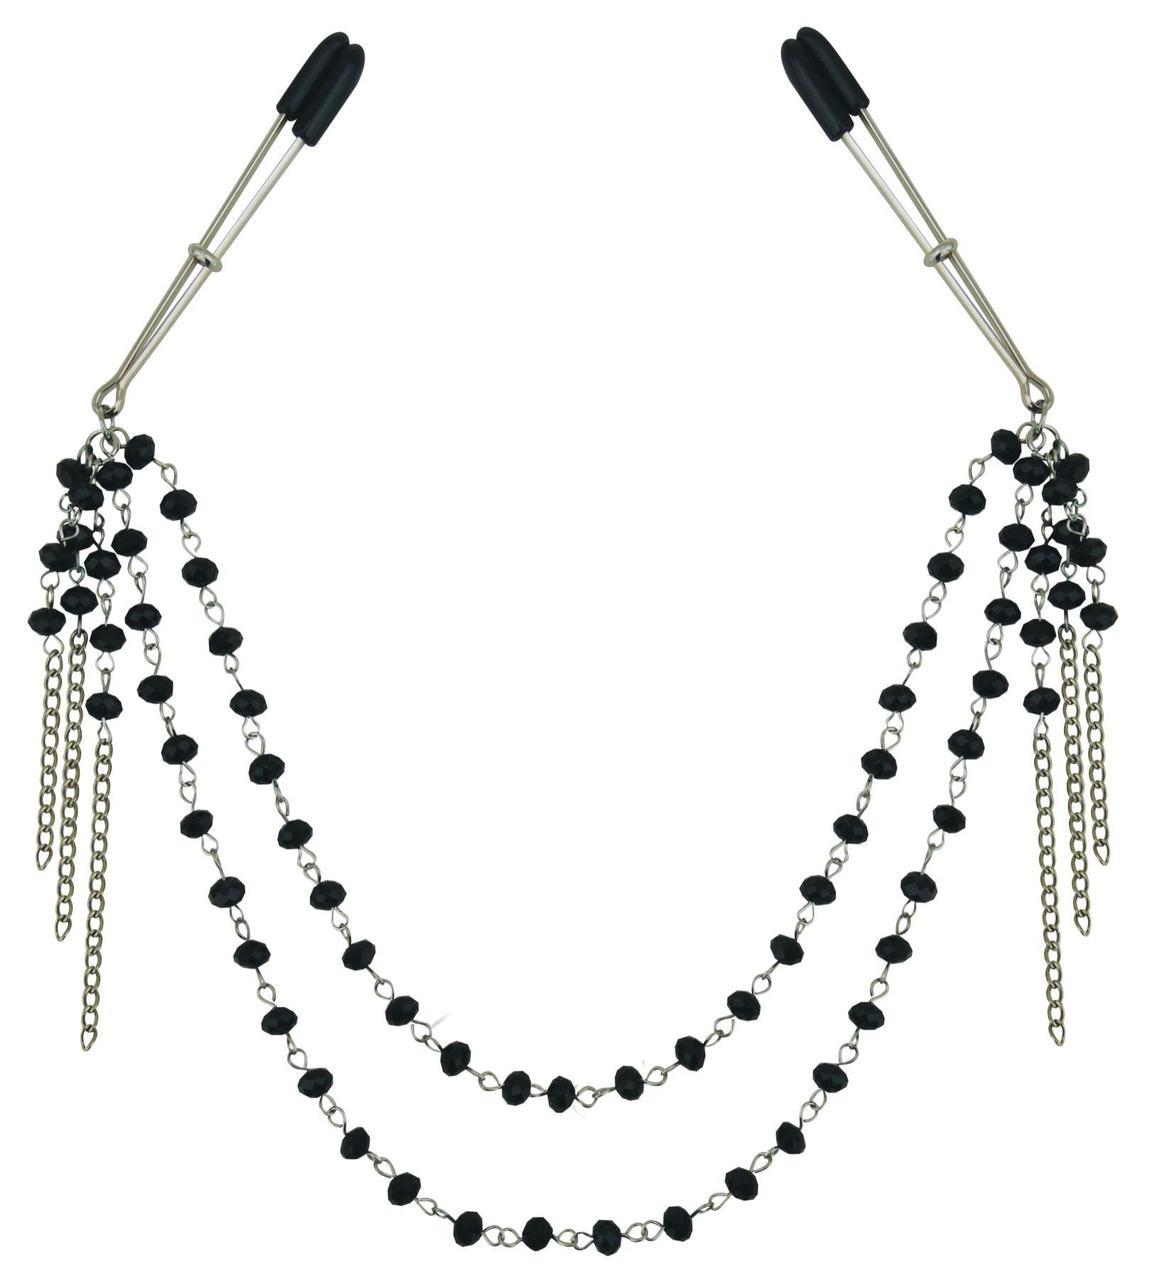 Украшение цепочка с зажимами для сосков Sportsheets Midnight Black Jeweled Nipple Clips